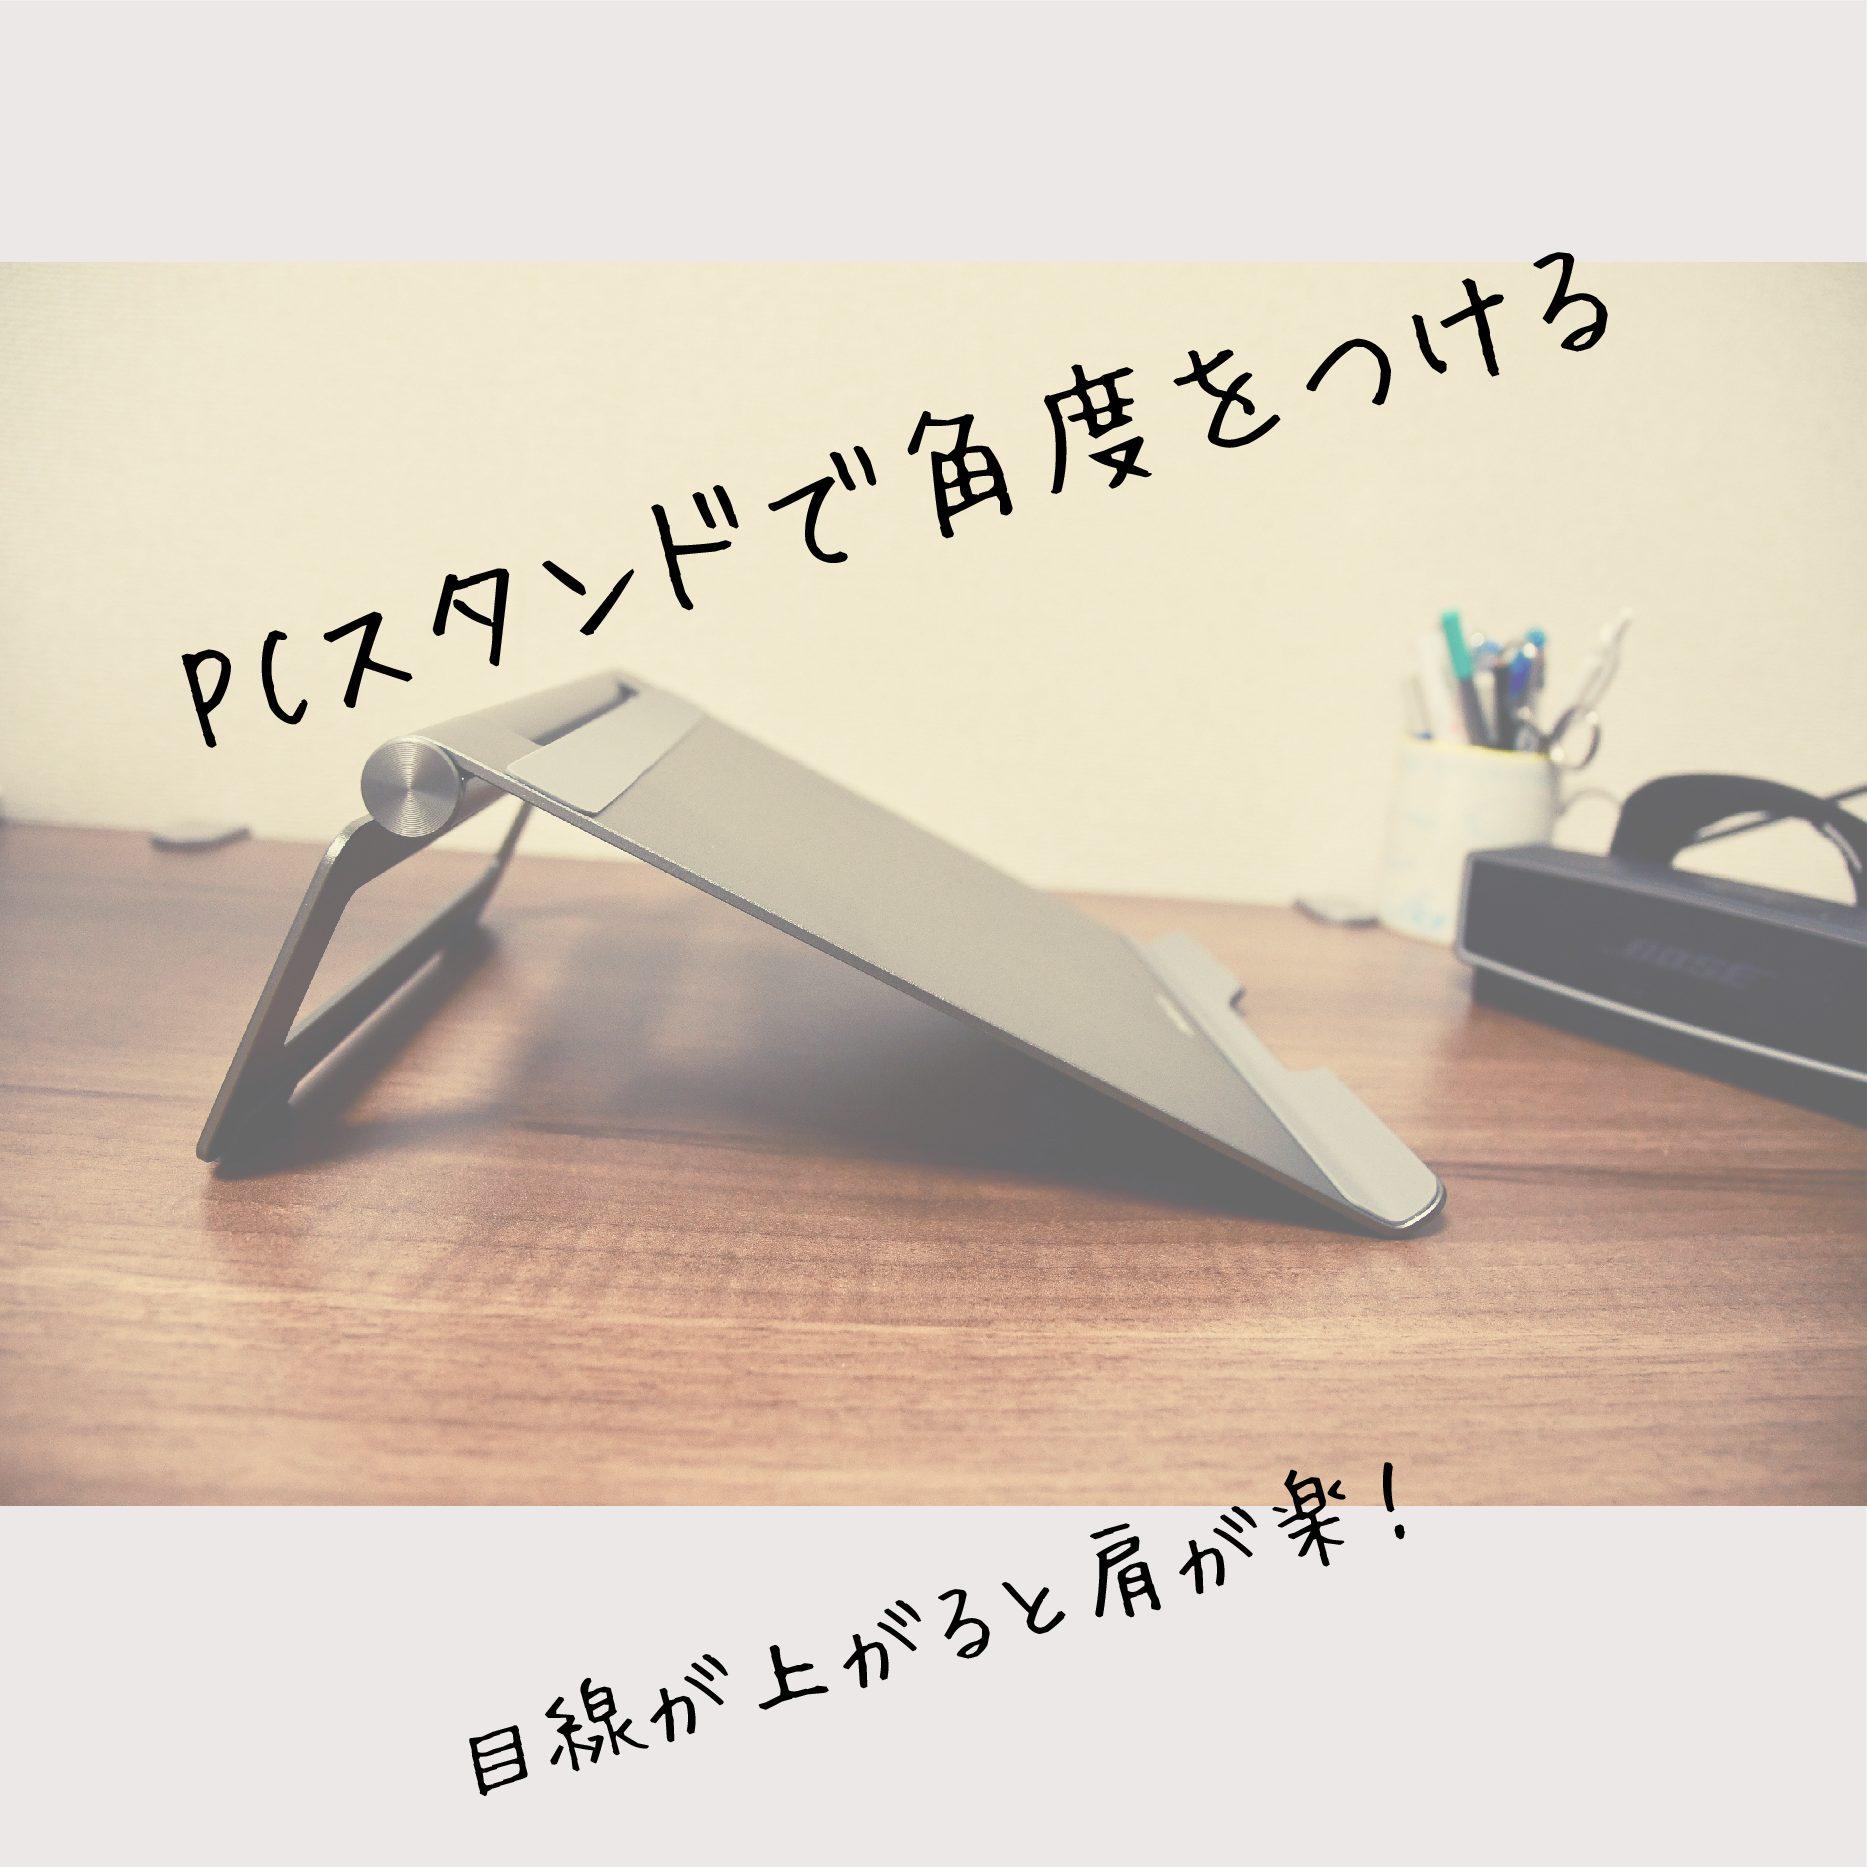 【肩こりにオススメ】Nulaxy ノートパソコン PC スタンド【レビュー】